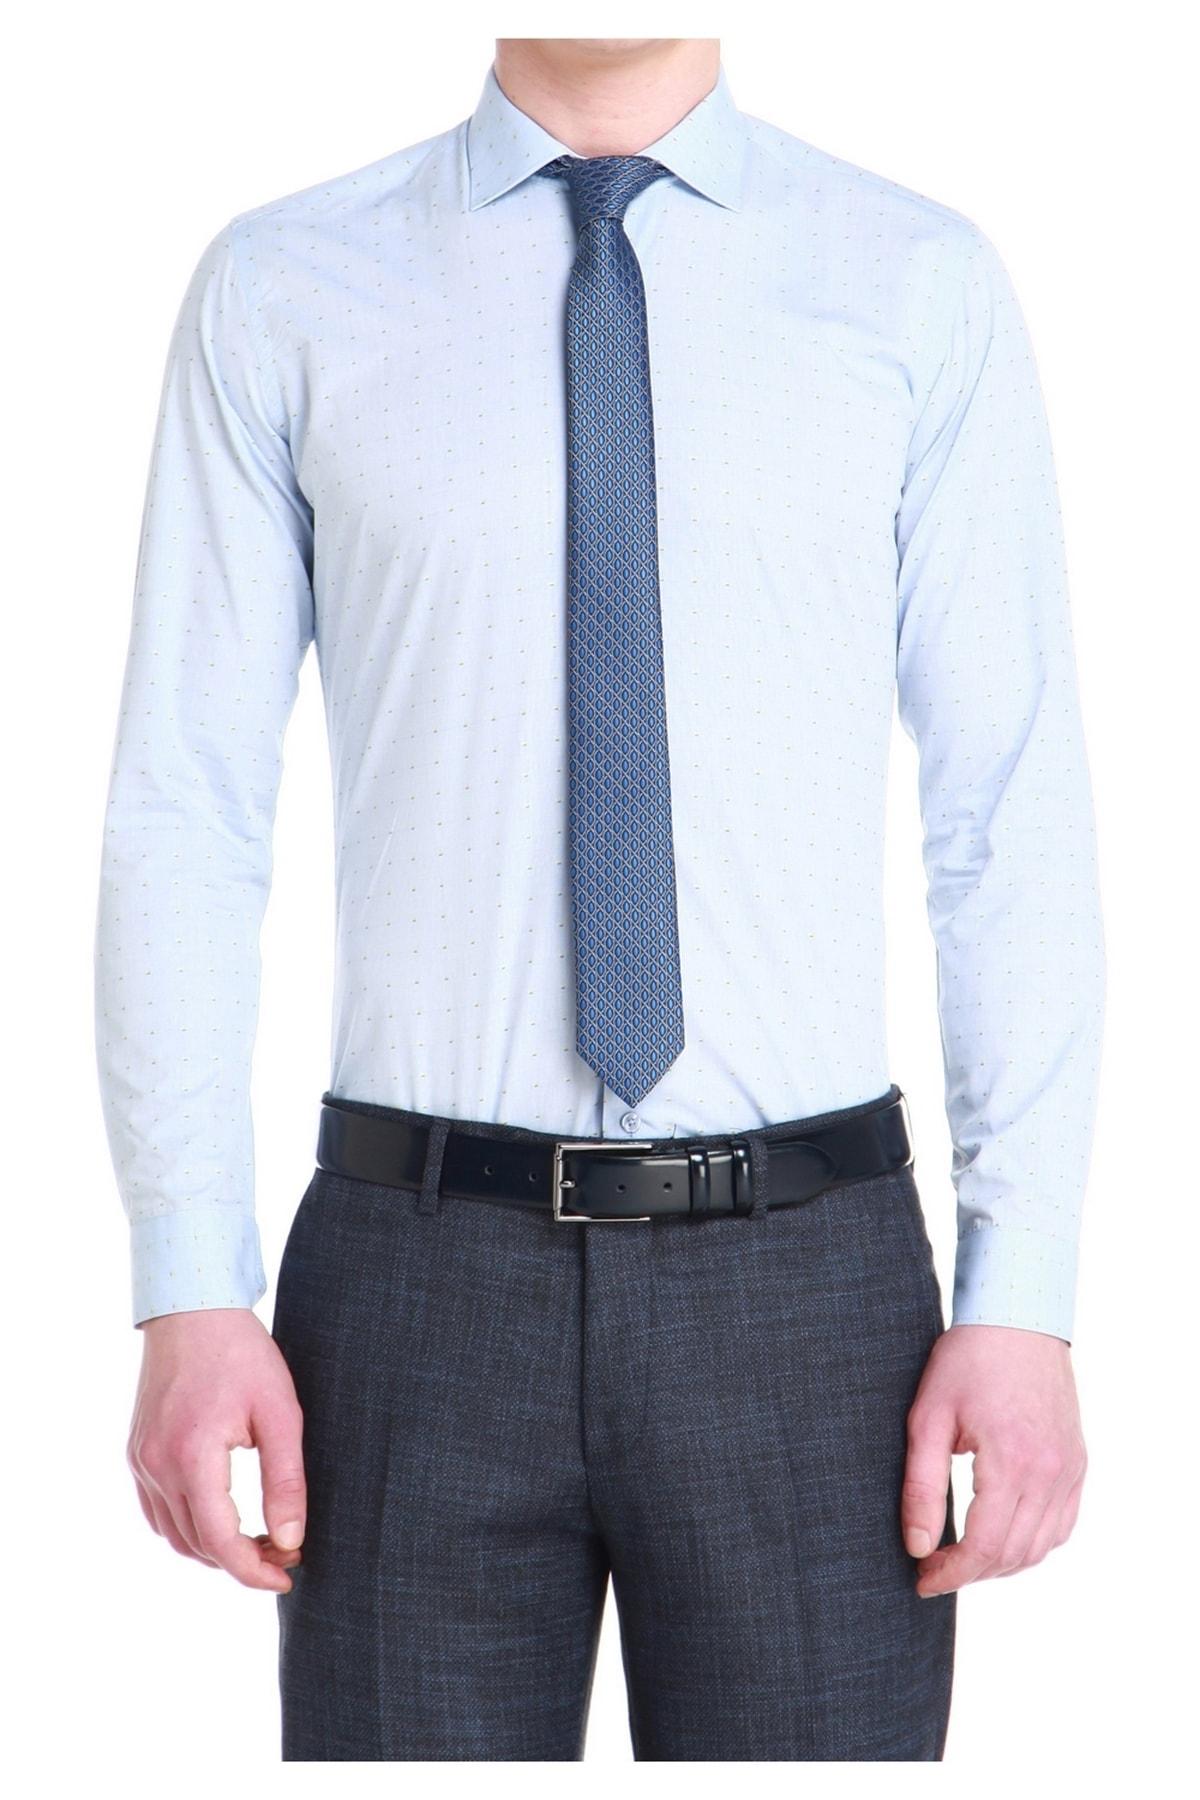 Gk 531 Slim Fit Açık Mavi Klasik Gömlek